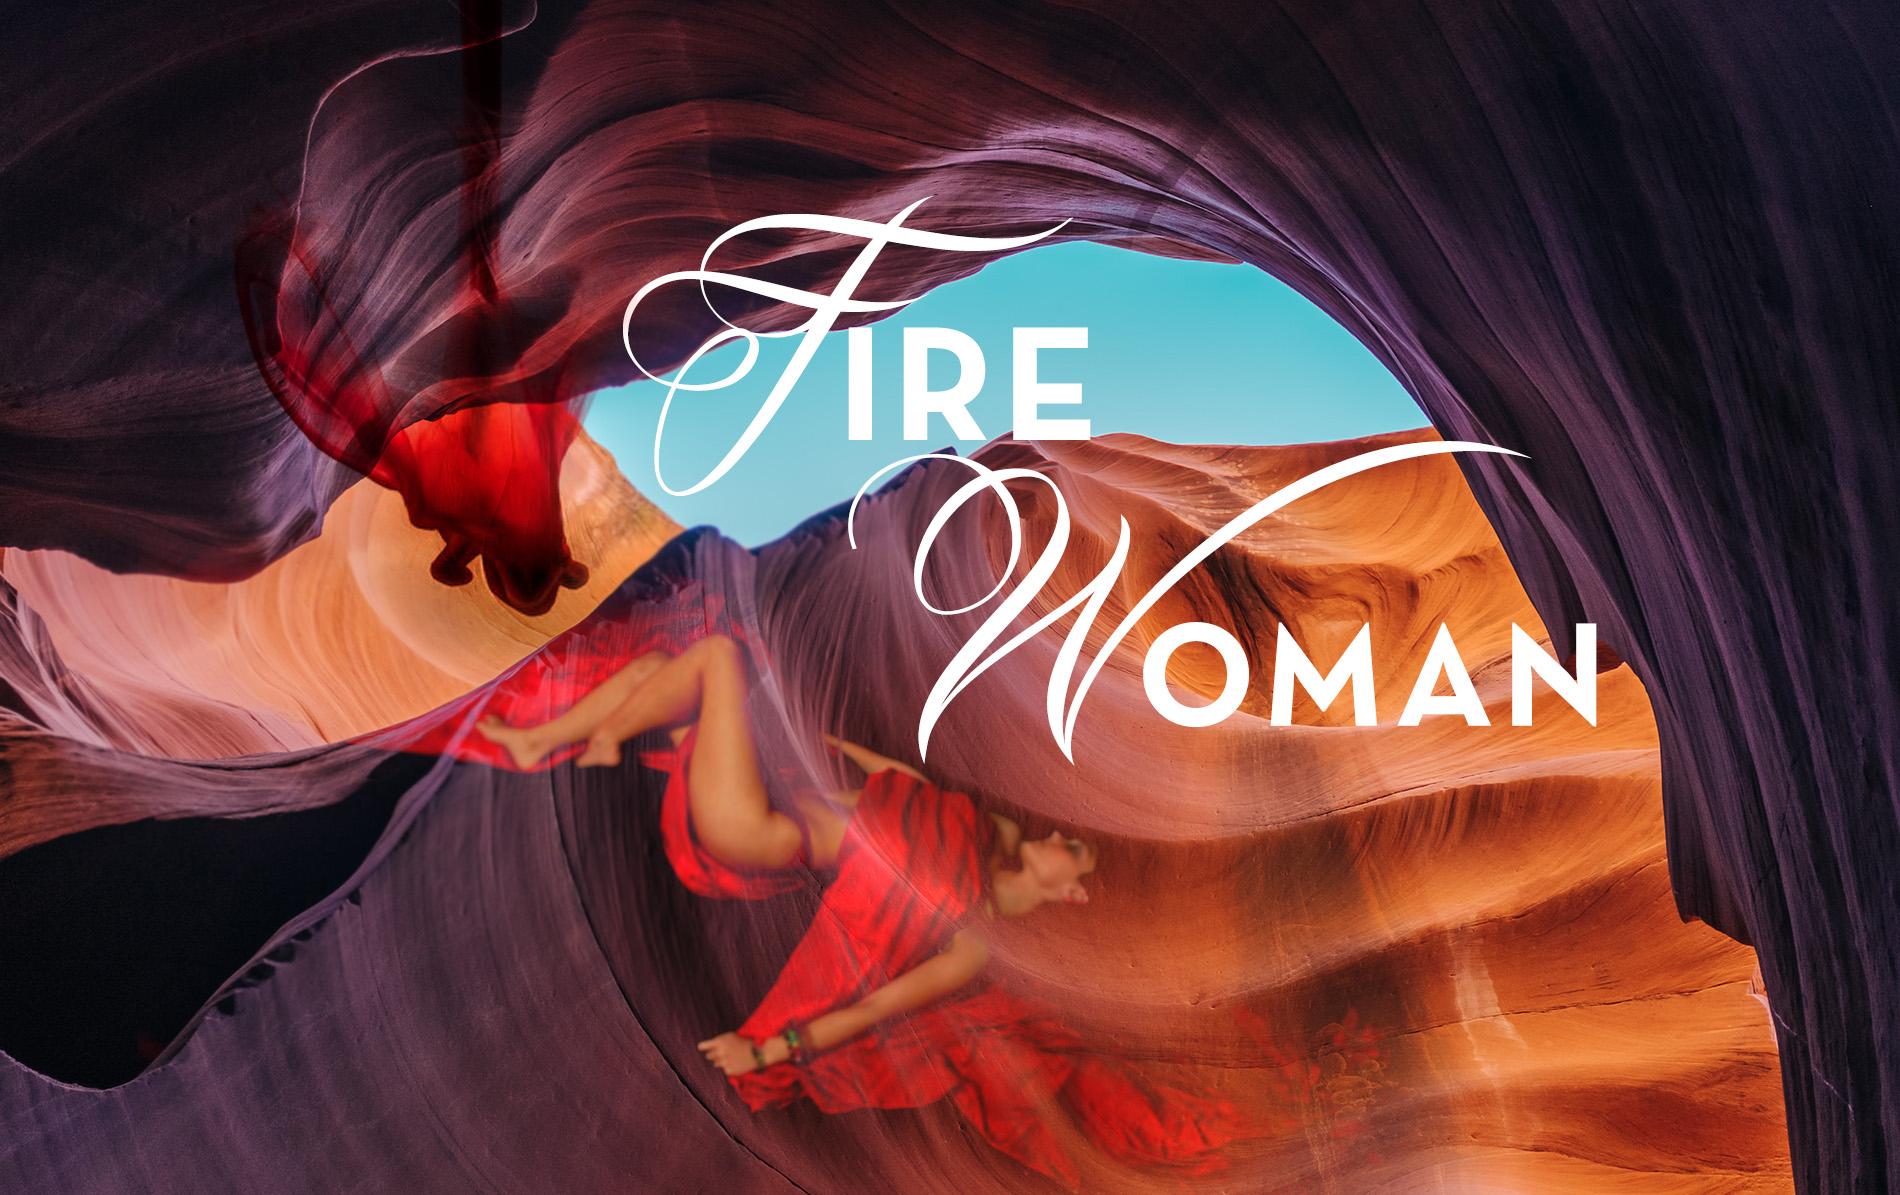 FireWomanBanner